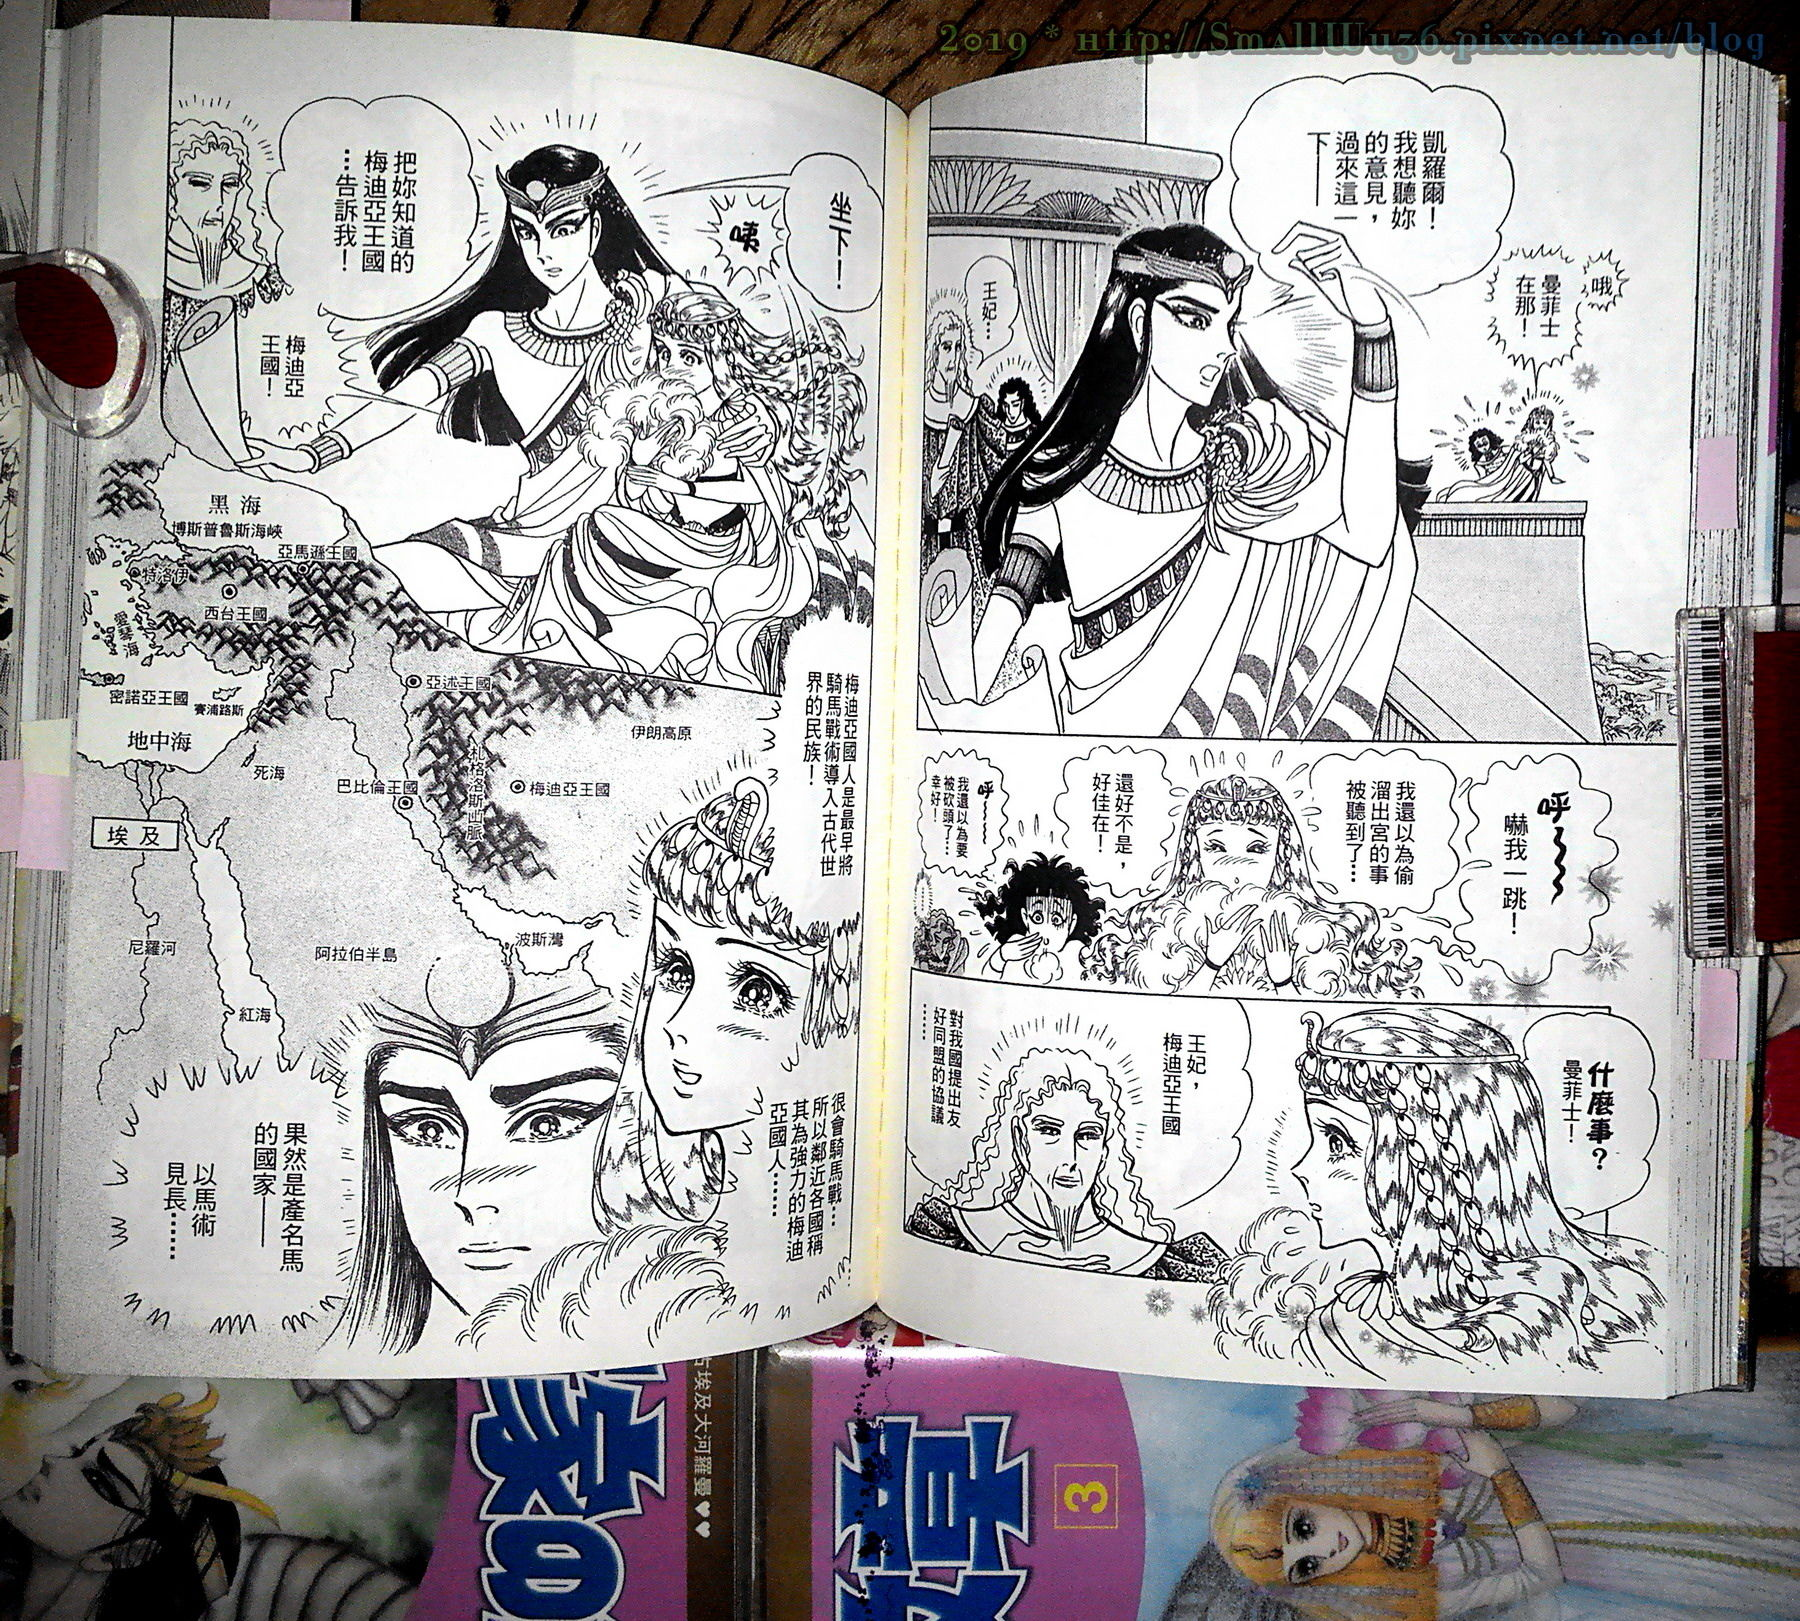 細川智榮子-王家的紋章(尼羅河女兒) 01-48 (長鴻)  vol_46 梅迪亞地圖.jpg